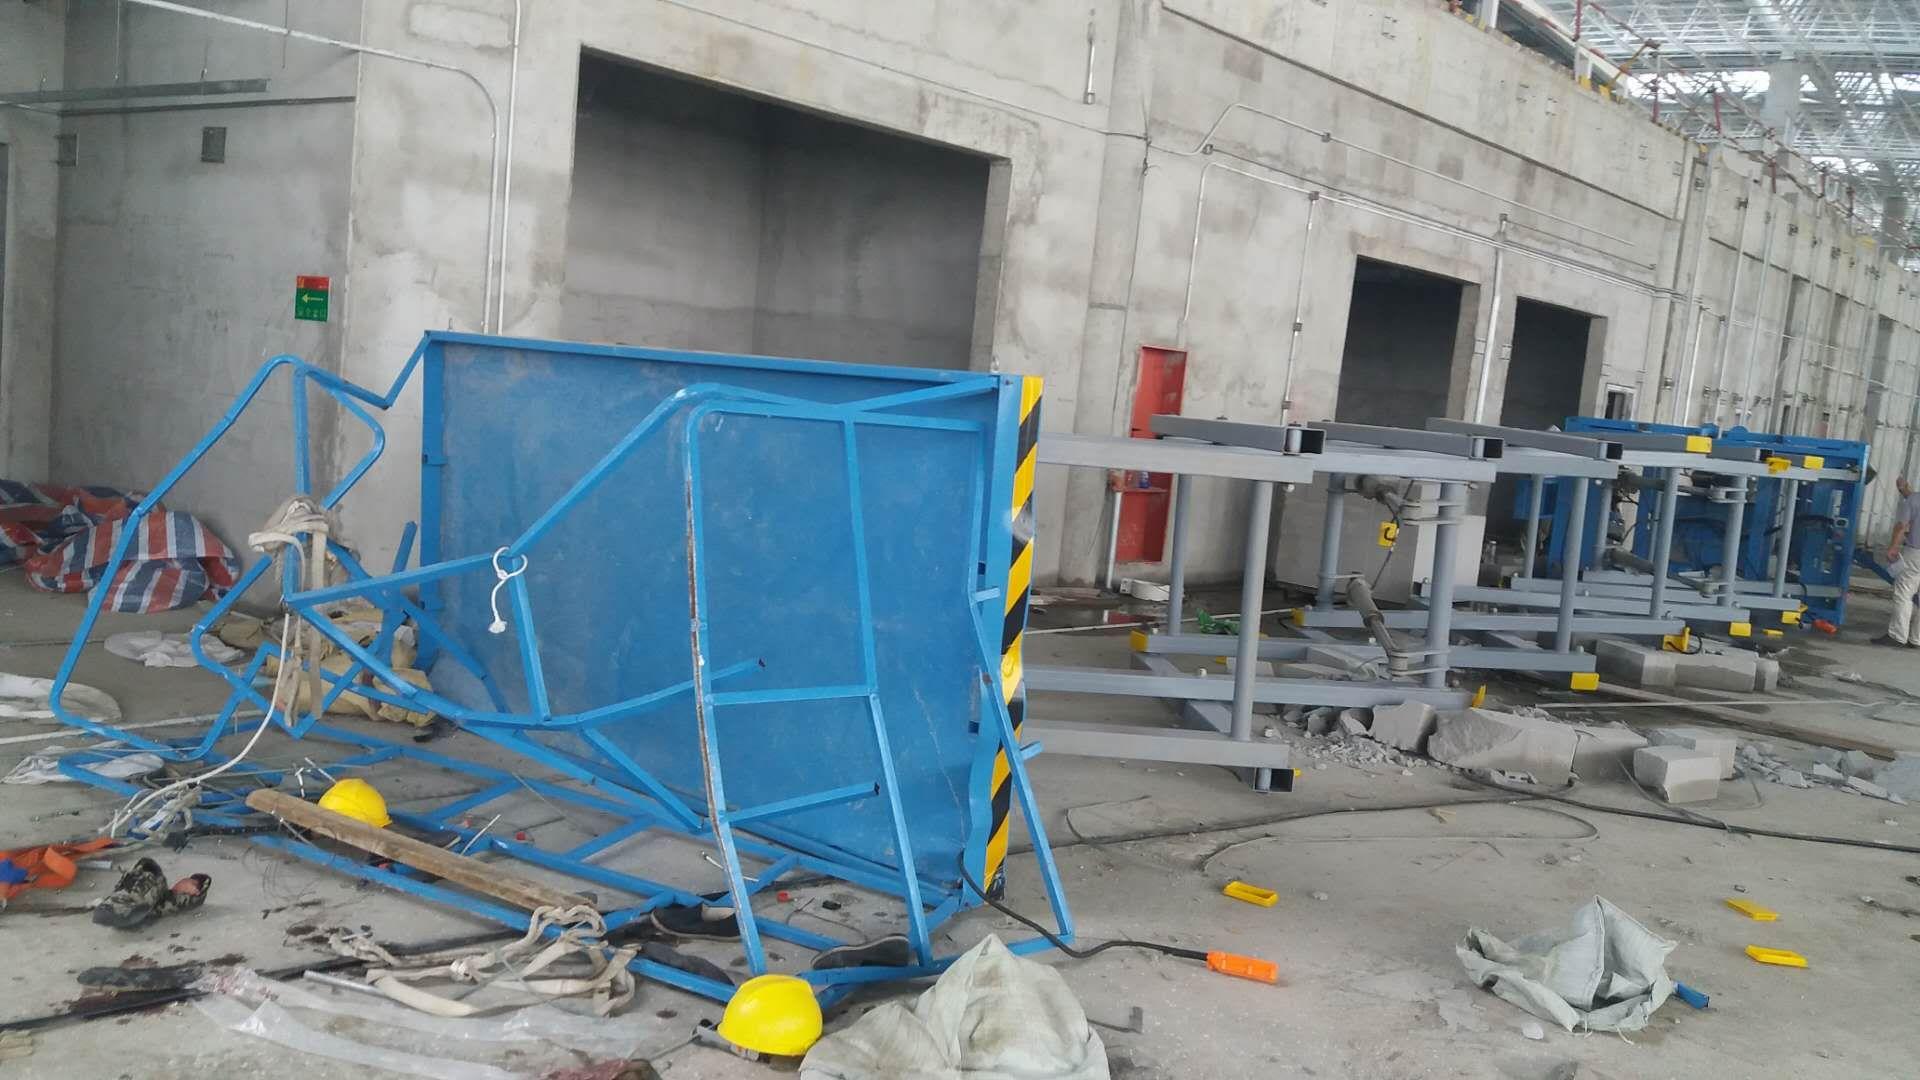 江苏南通兴东机场在建工地高空作业平台侧翻事故